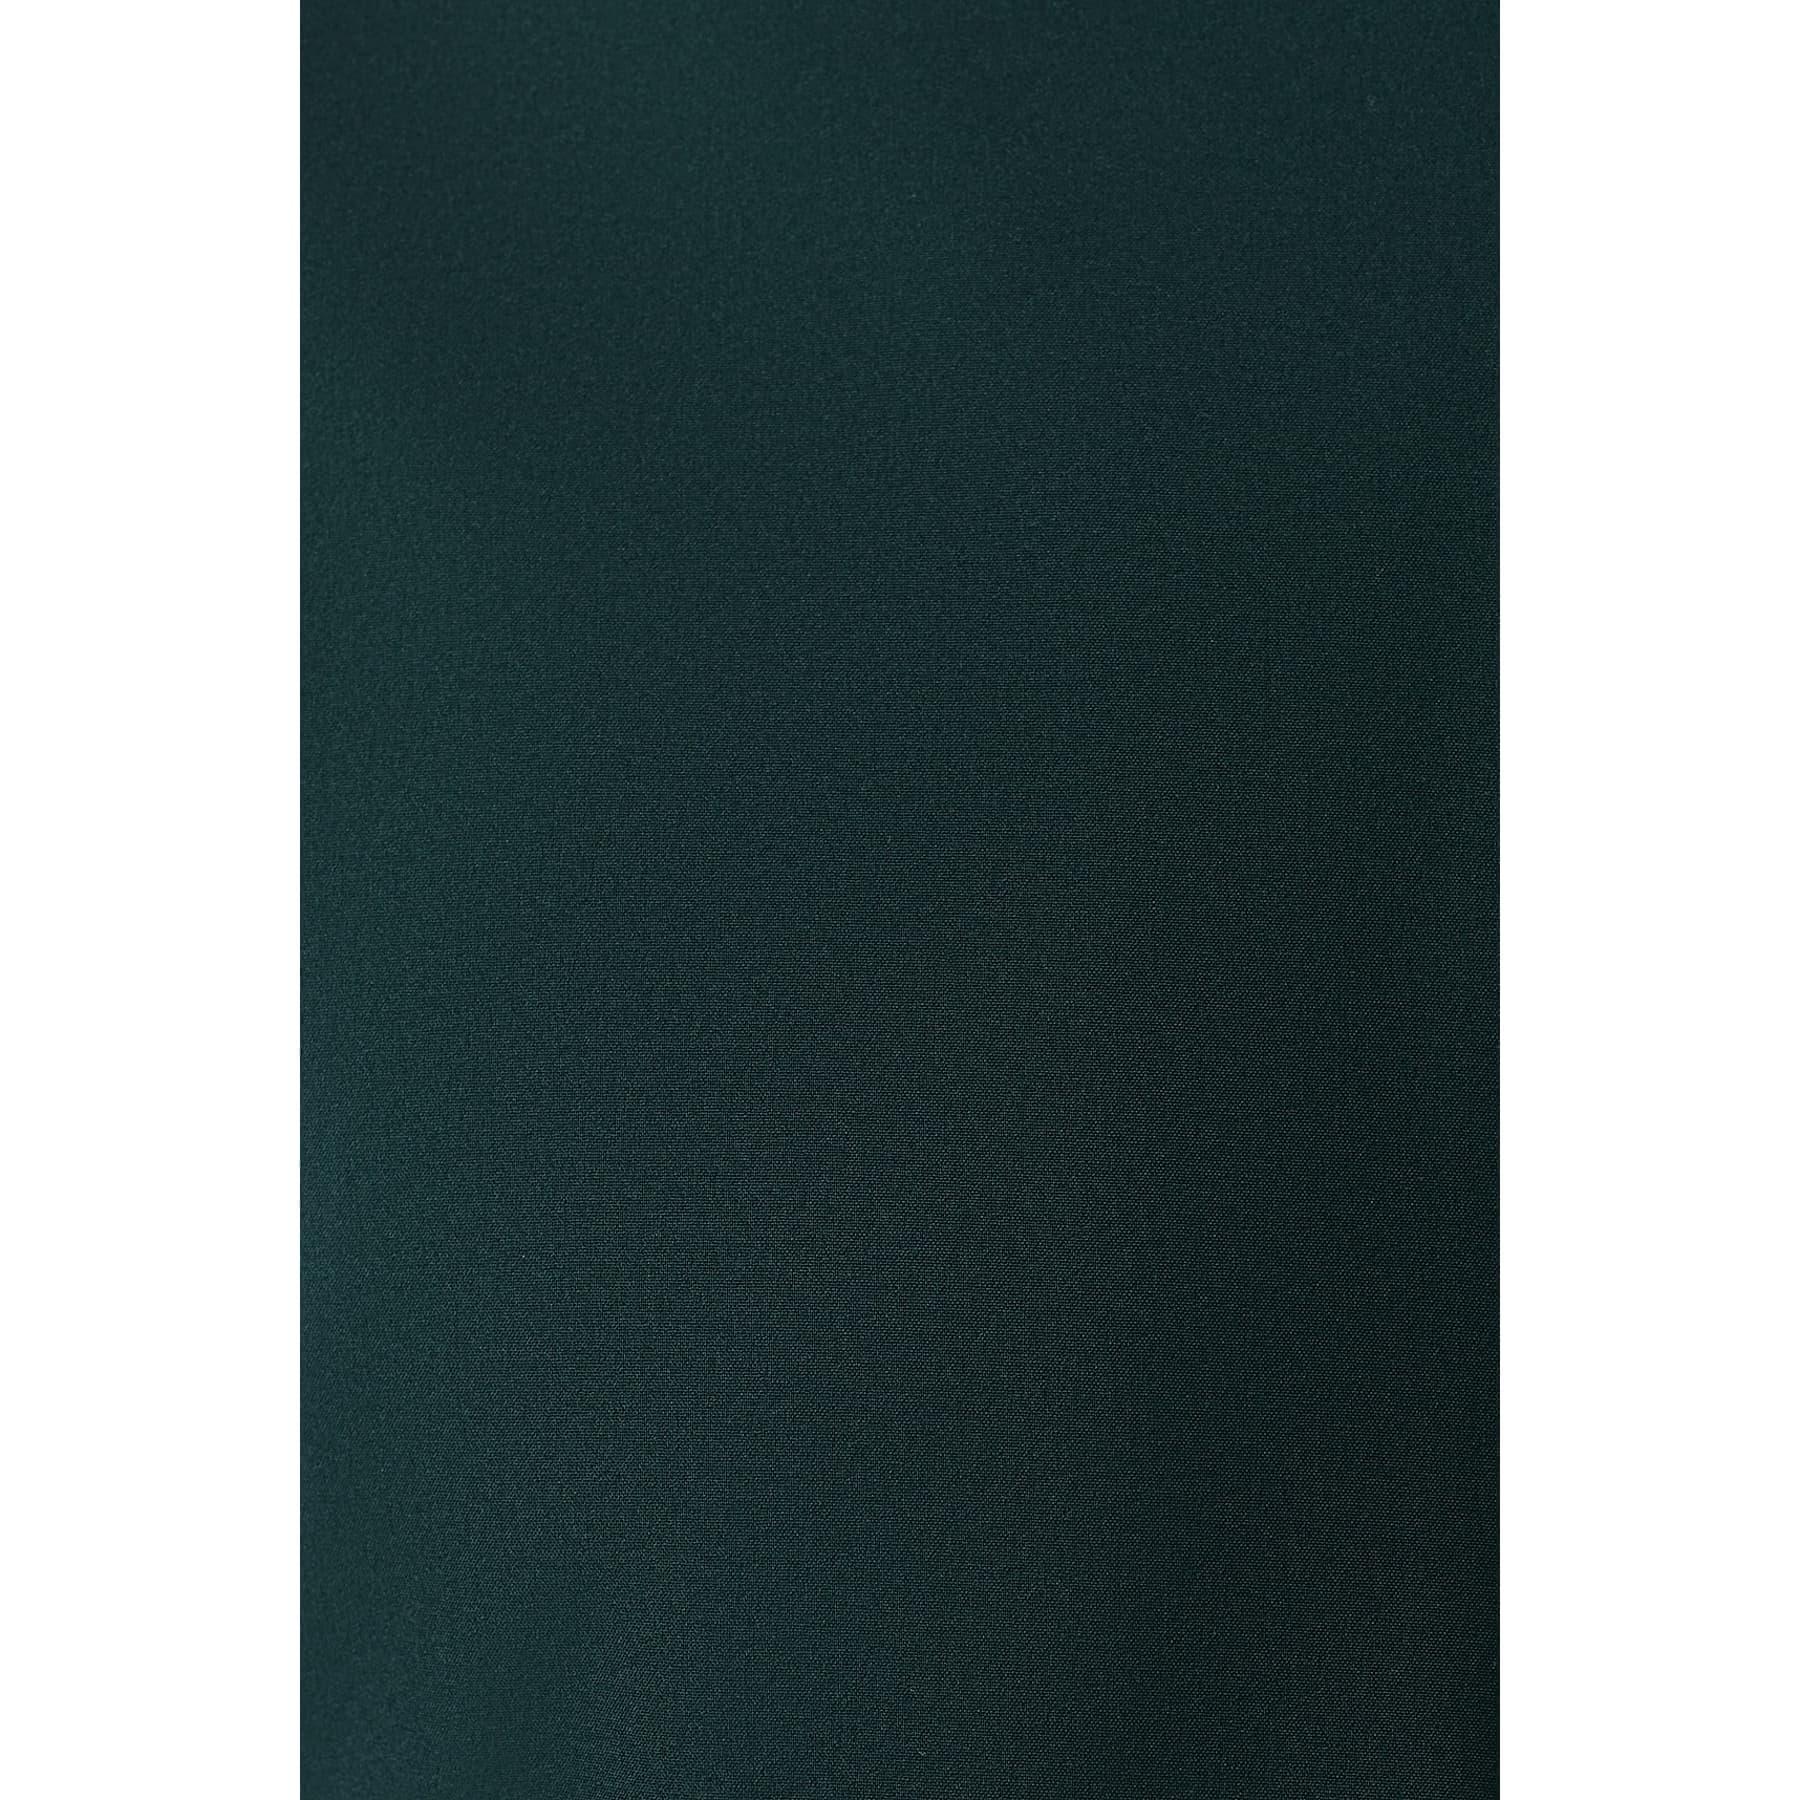 Mavi Jeans Fermuarlı Yeşil Erkek Ceket